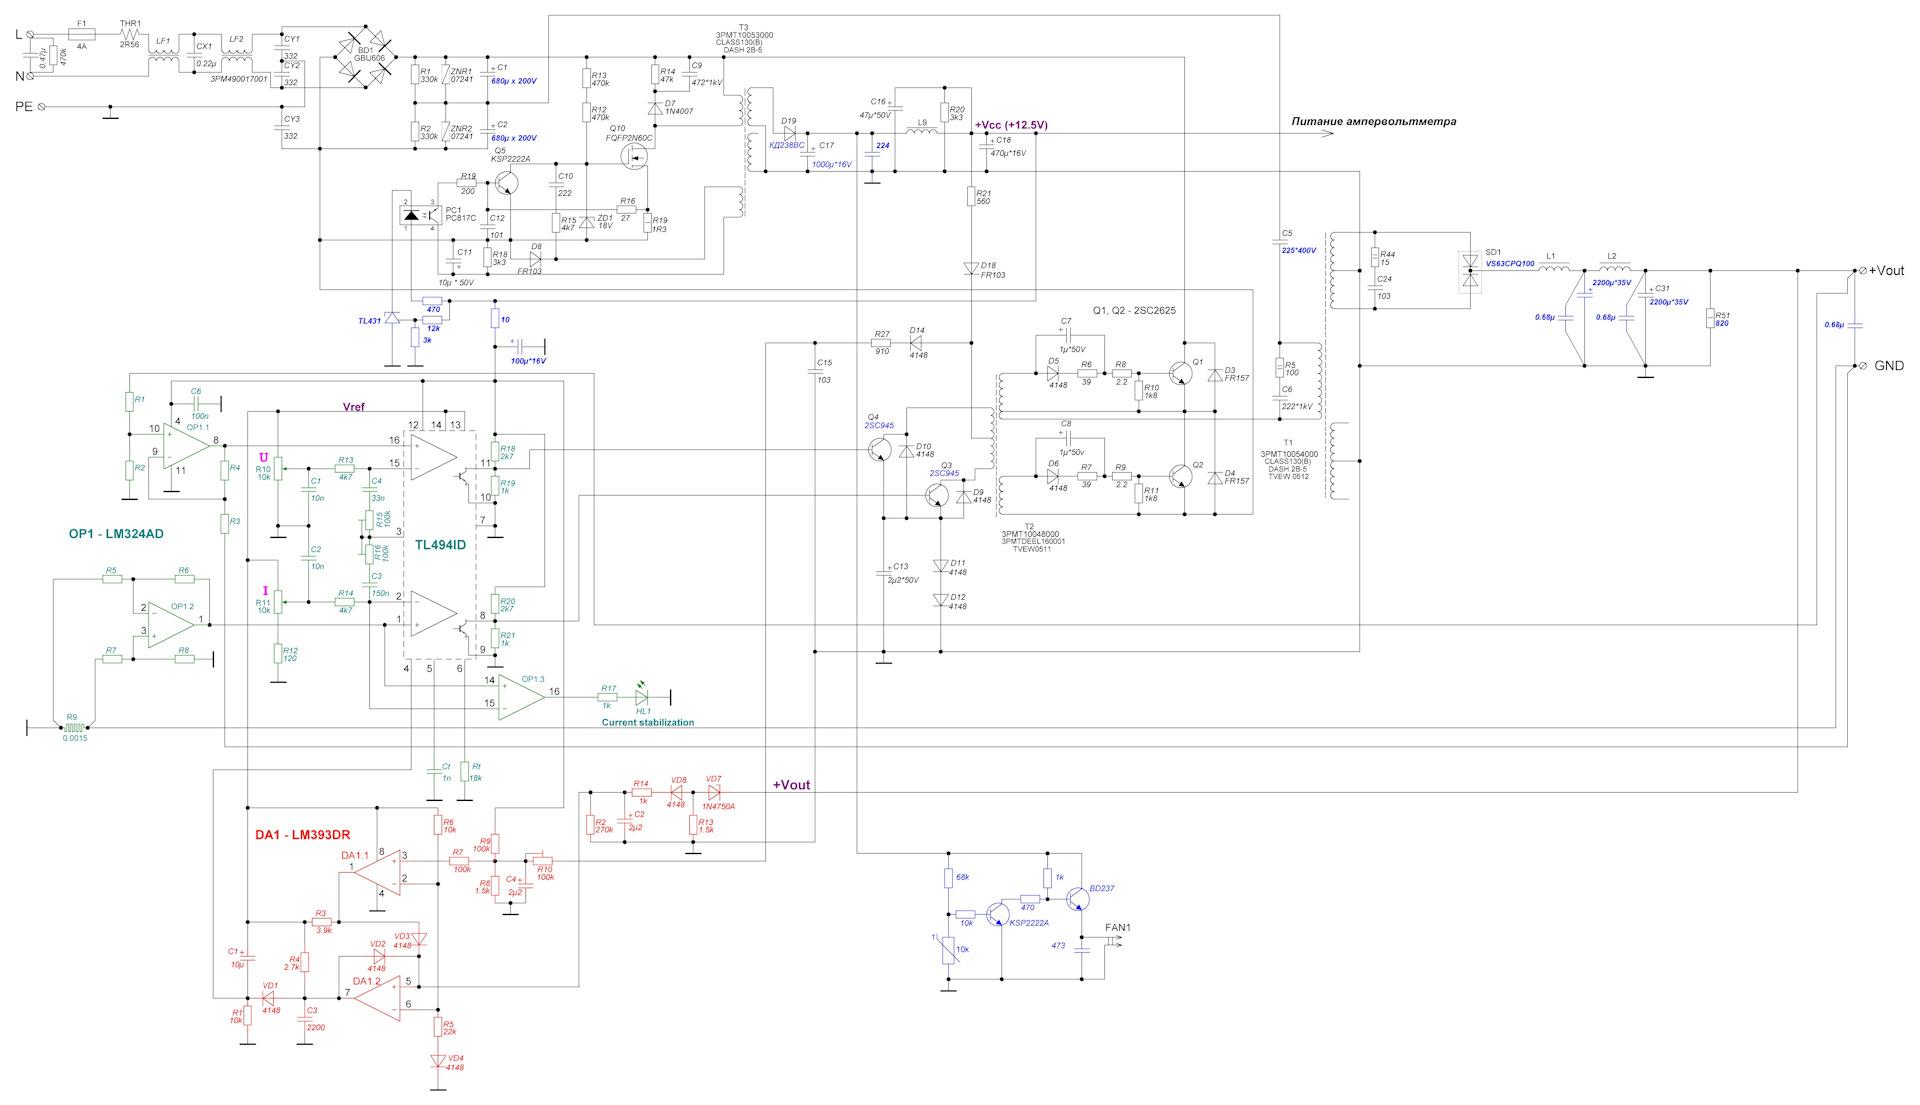 Схема лабораторного блока питания из компьютерного блока питания